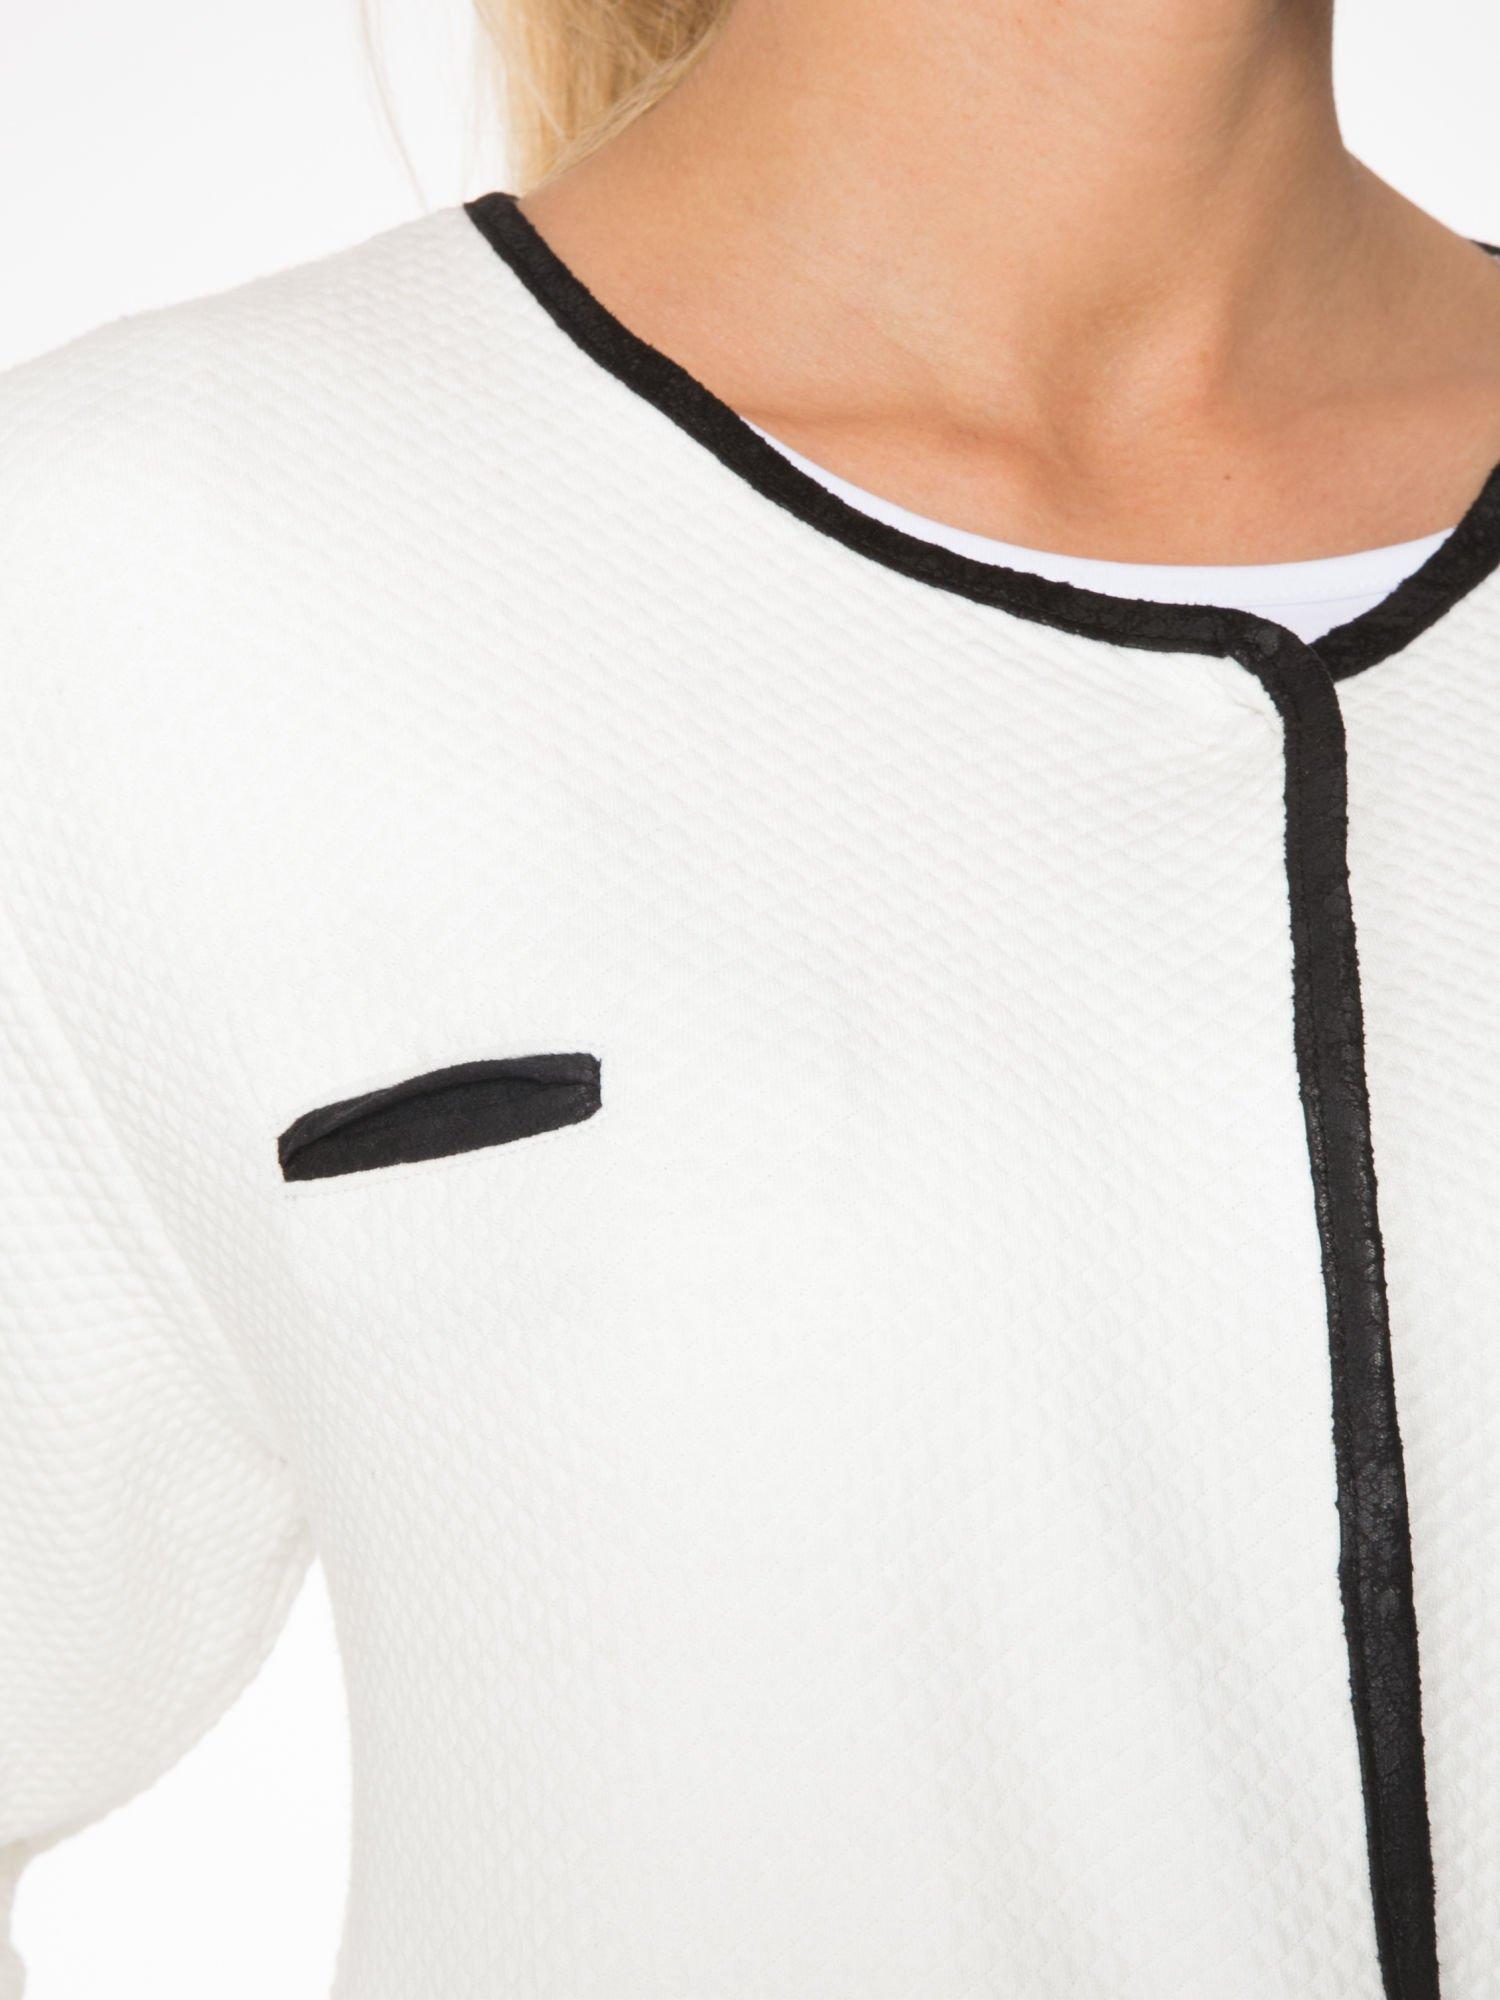 Biały wełniany długi żakiet o pudełkowym kroju ze skórzaną lamówką                                  zdj.                                  5